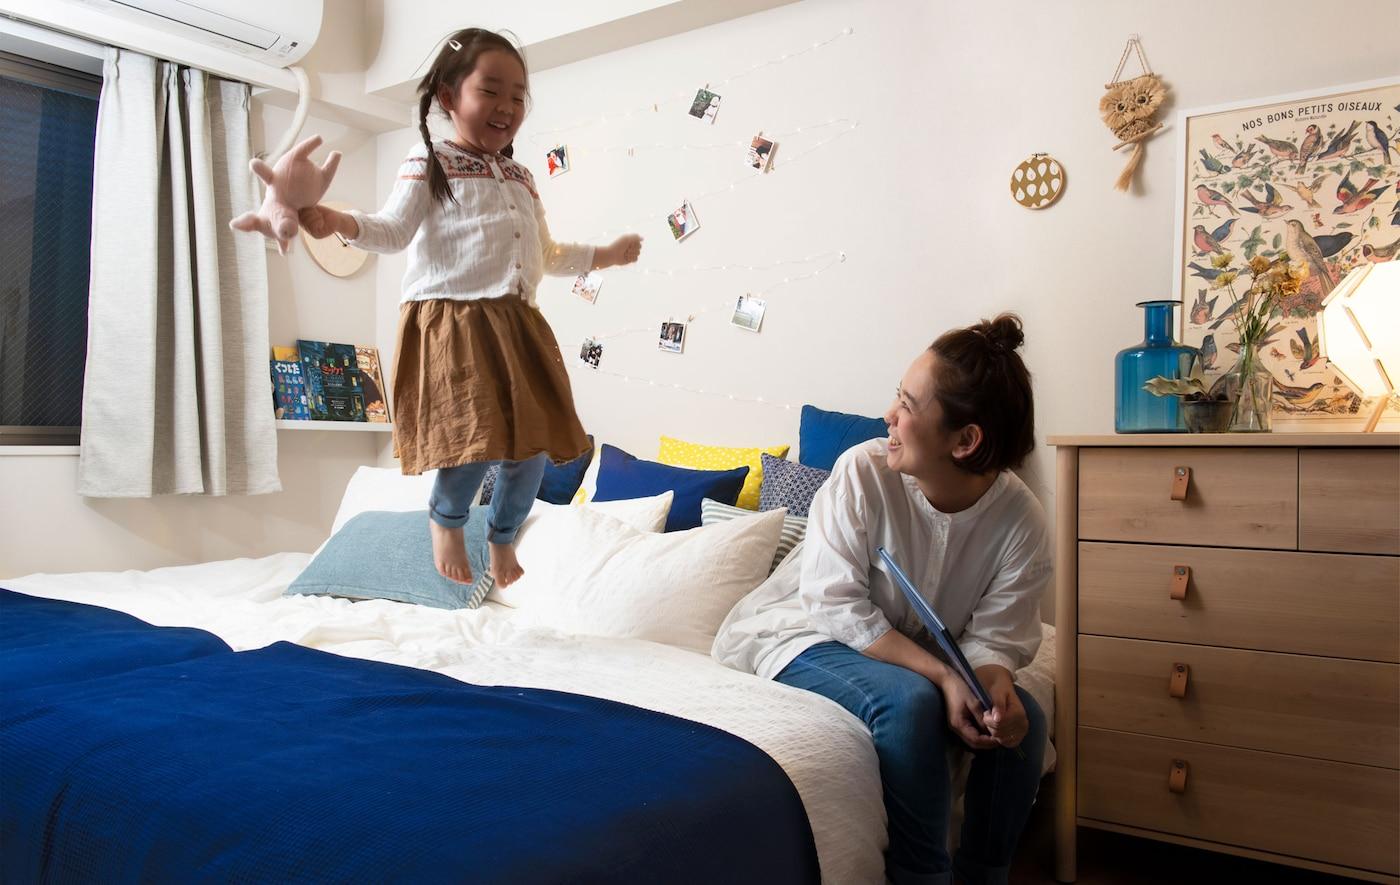 امرأة جالسة وطفل يقف على سرير كبير في غرفة نوم بيضاء مع رف كتب مثبت على الحائط.